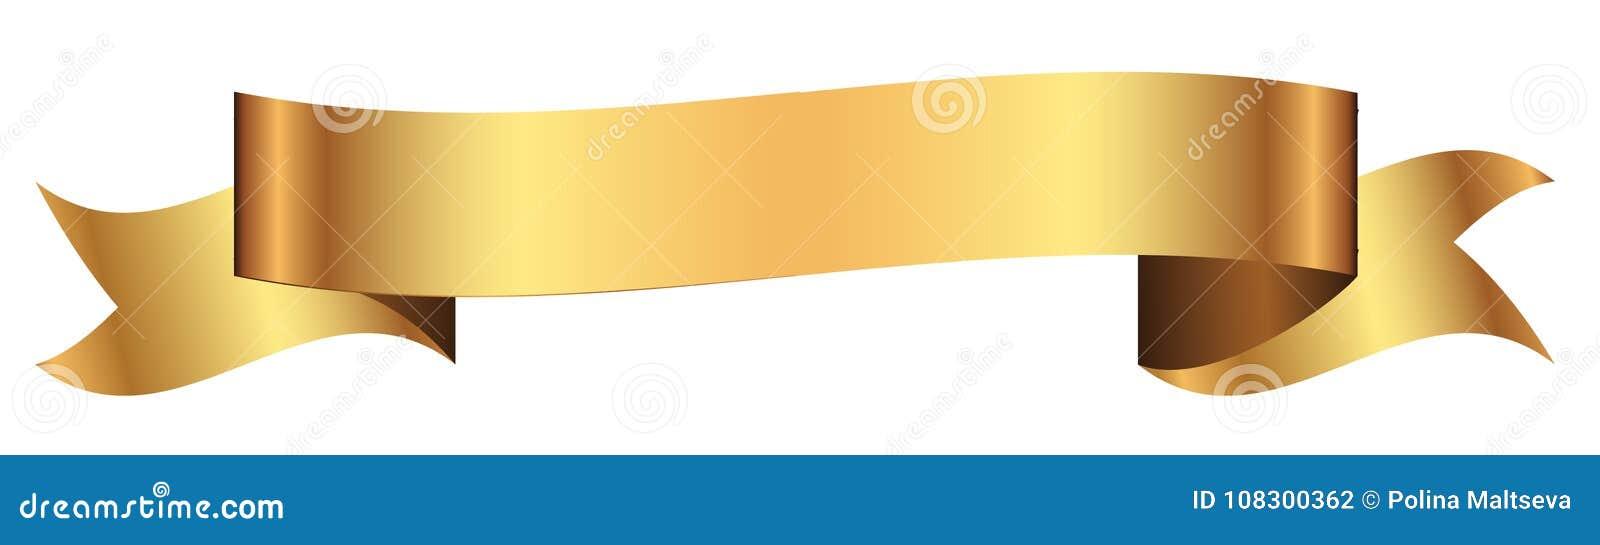 Bandera del oro para el diseño en vector